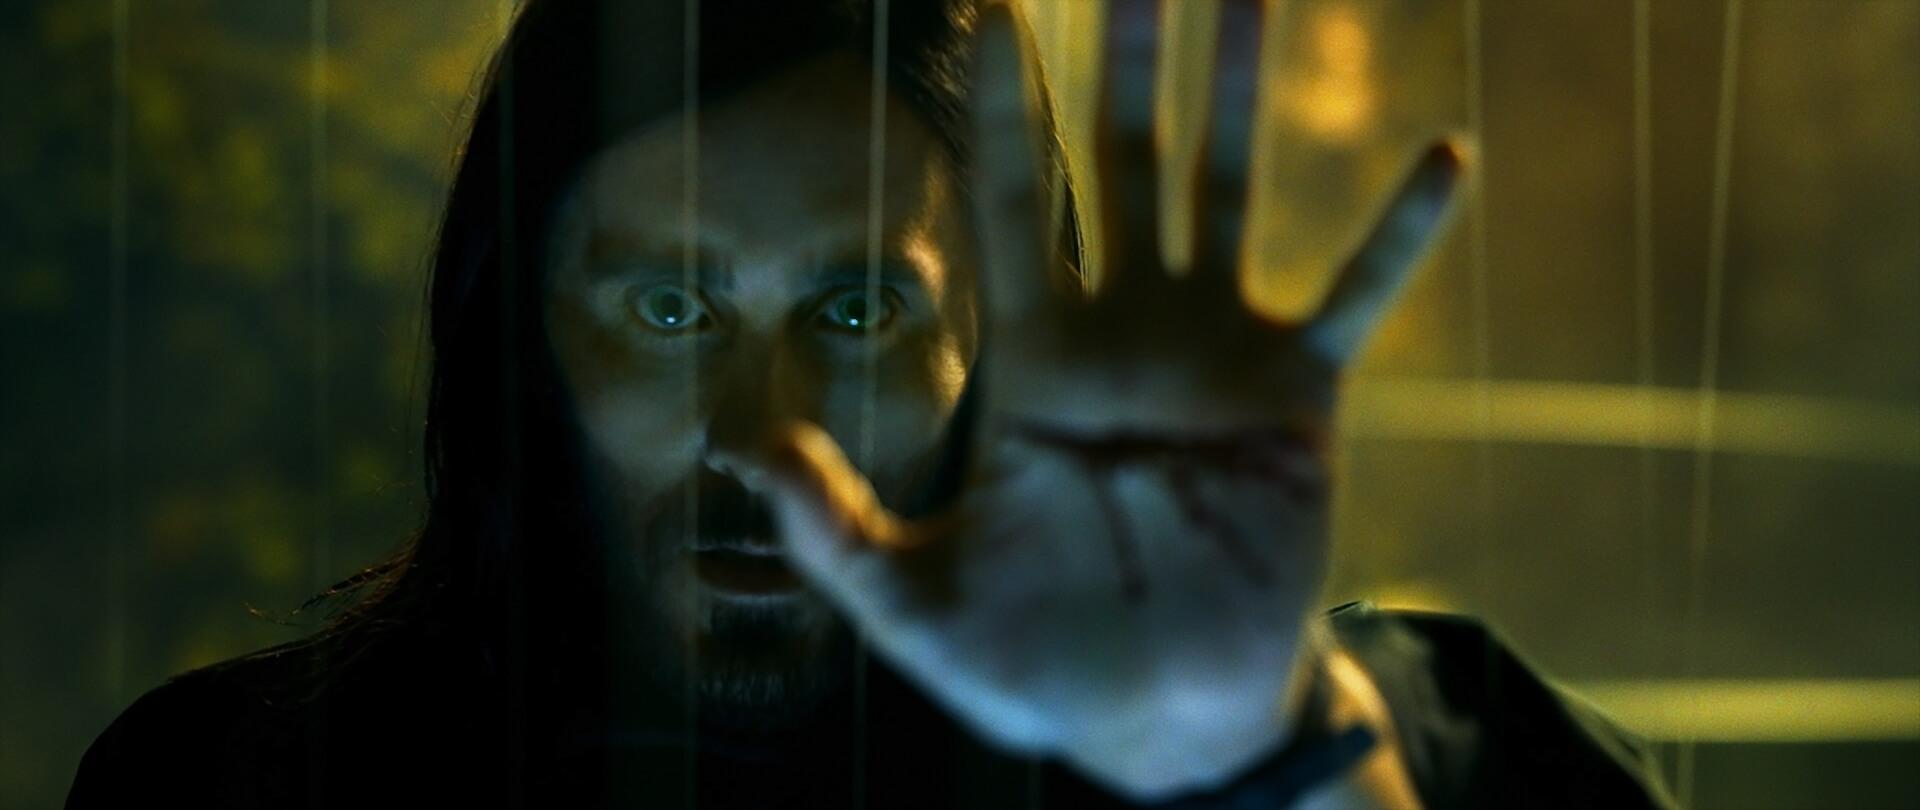 東京コミコン2020にマーベル最新作 『モービウス』よりジャレッド・レトがサプライズ登場!スペシャルコメントつきの日本版予告も解禁 film20124_morbius_comment_1